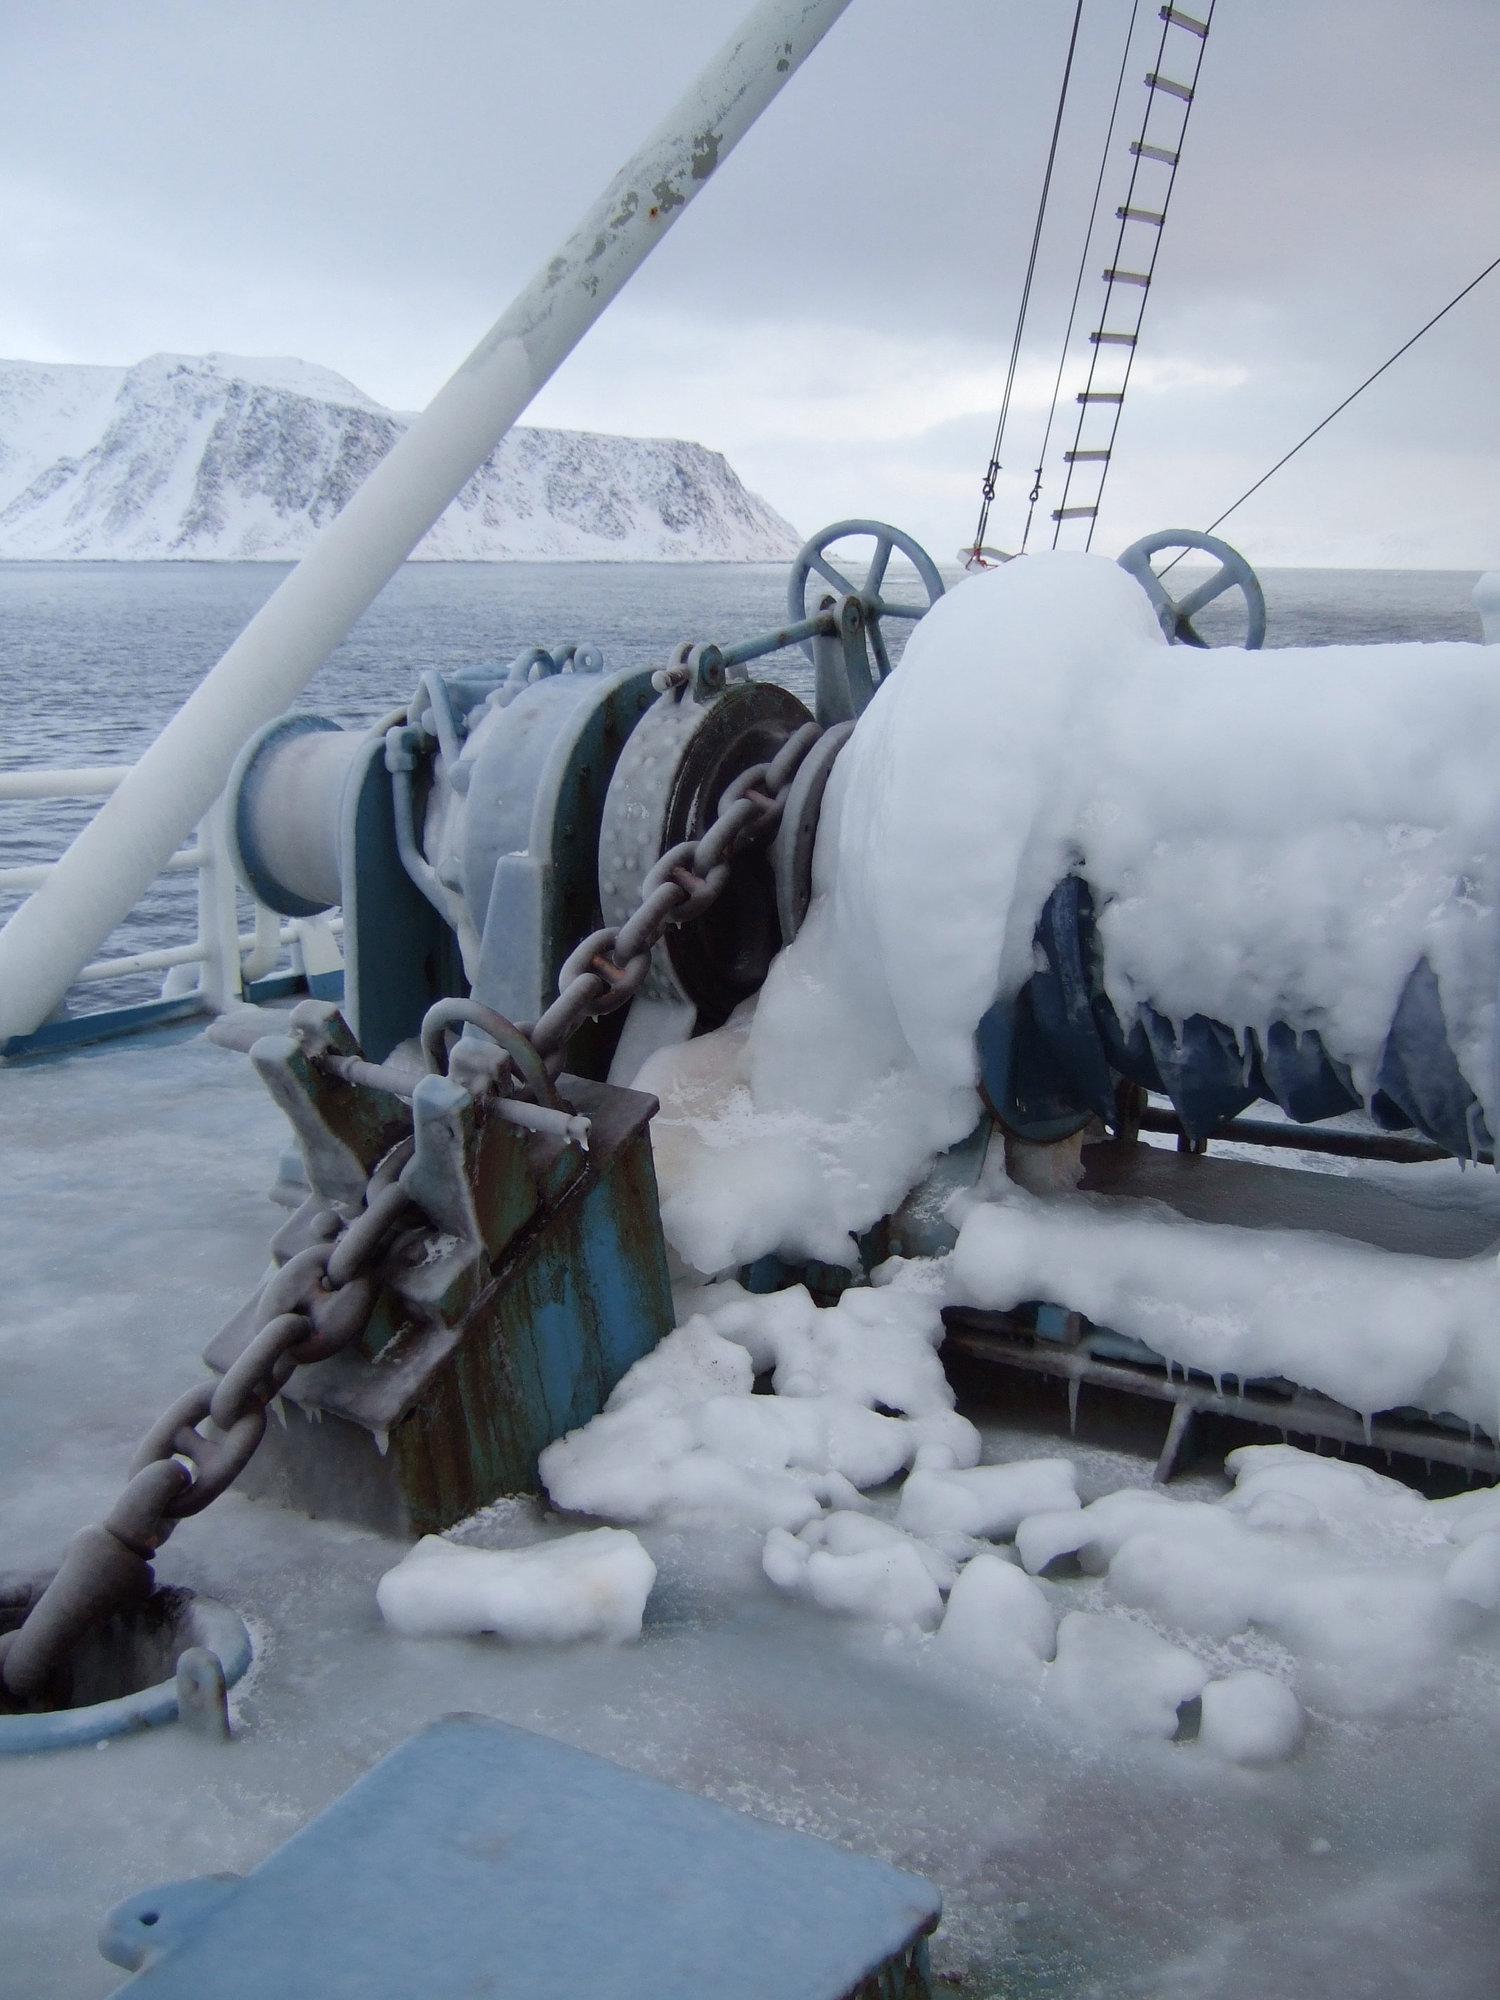 Ising på forskningsbåden Lance. Mye ising av denne typen kan få skip til å synke. Foto: Eli Anne Ersdal.